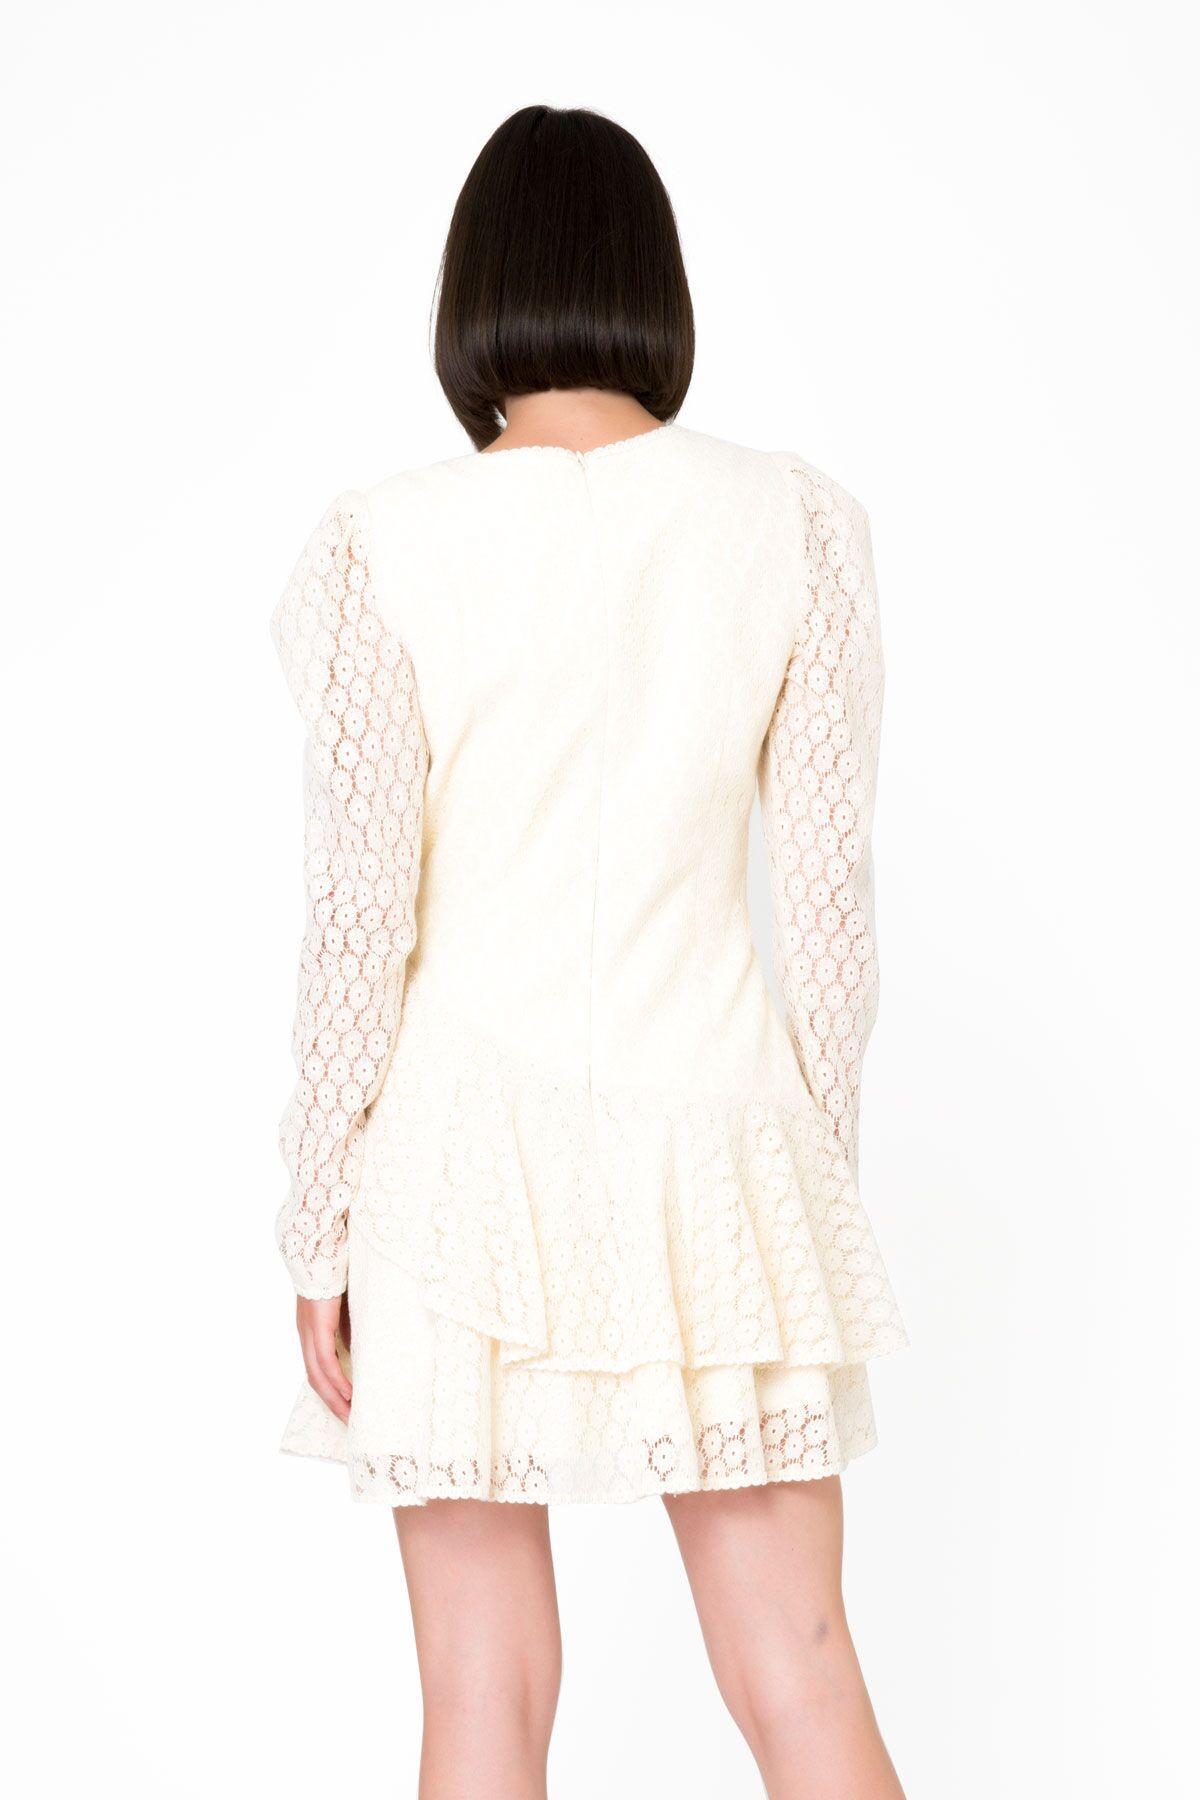 Kruvaze Kapama, Uzun Pilili Kollu, Volanlı Mini Dantel Elbise